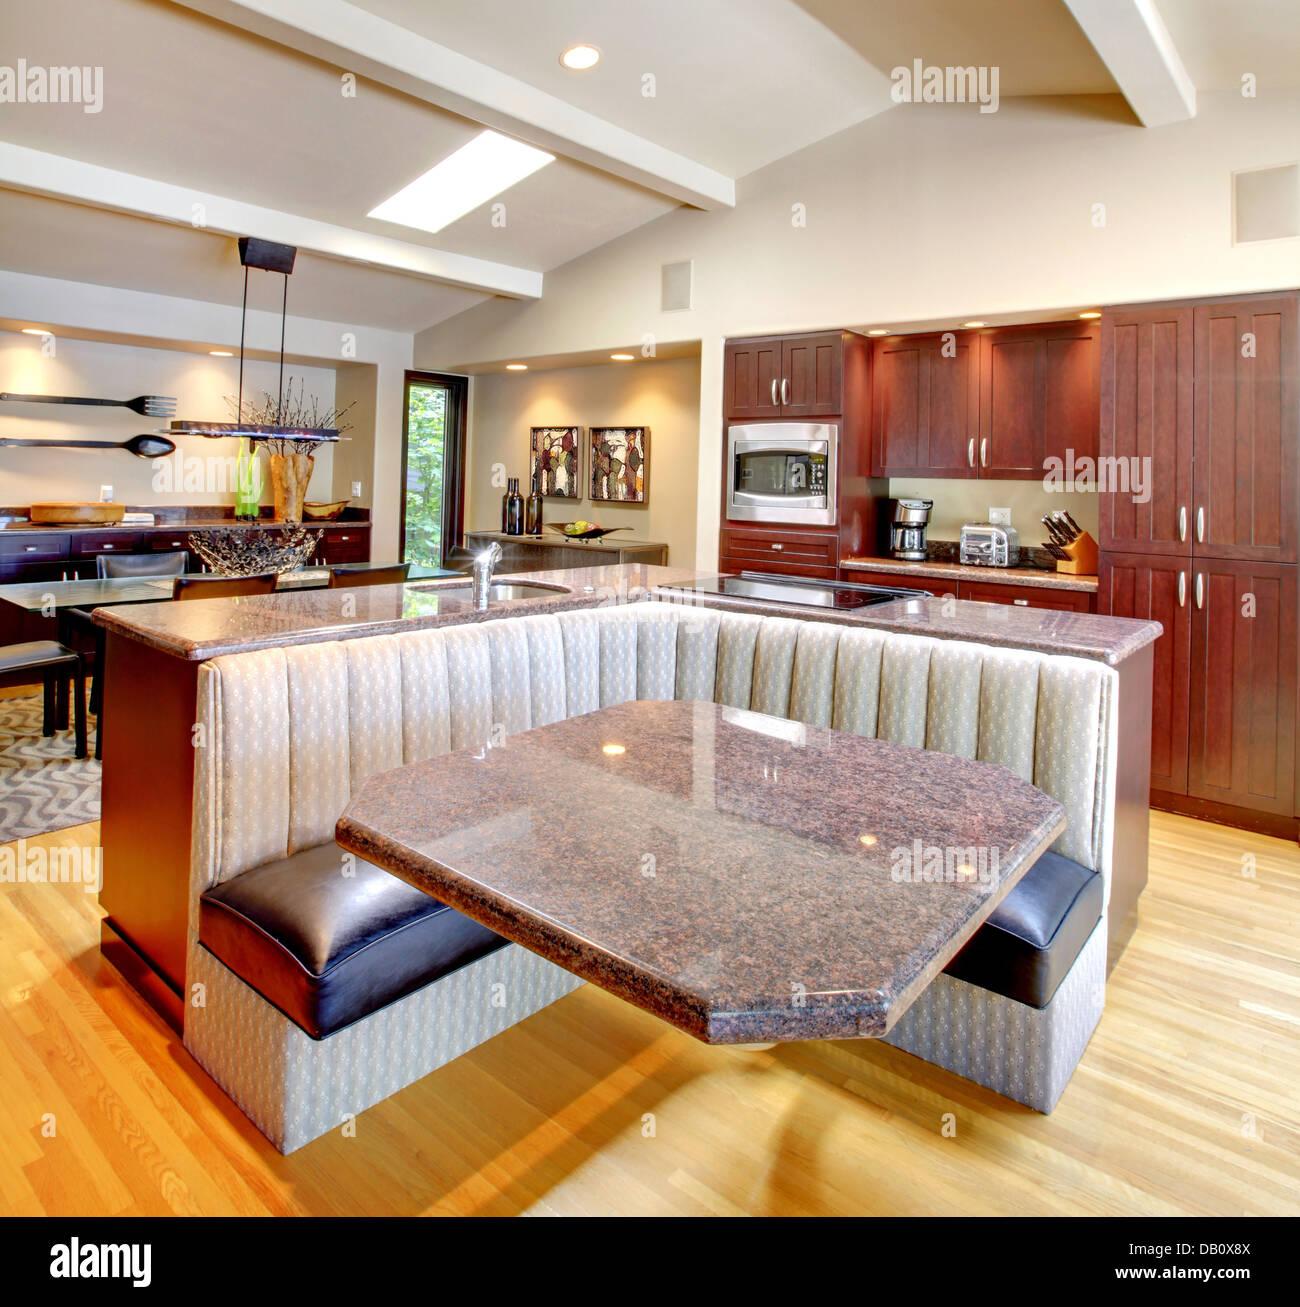 Lusso Cucina in mogano con arredamento moderno Foto & Immagine Stock ...